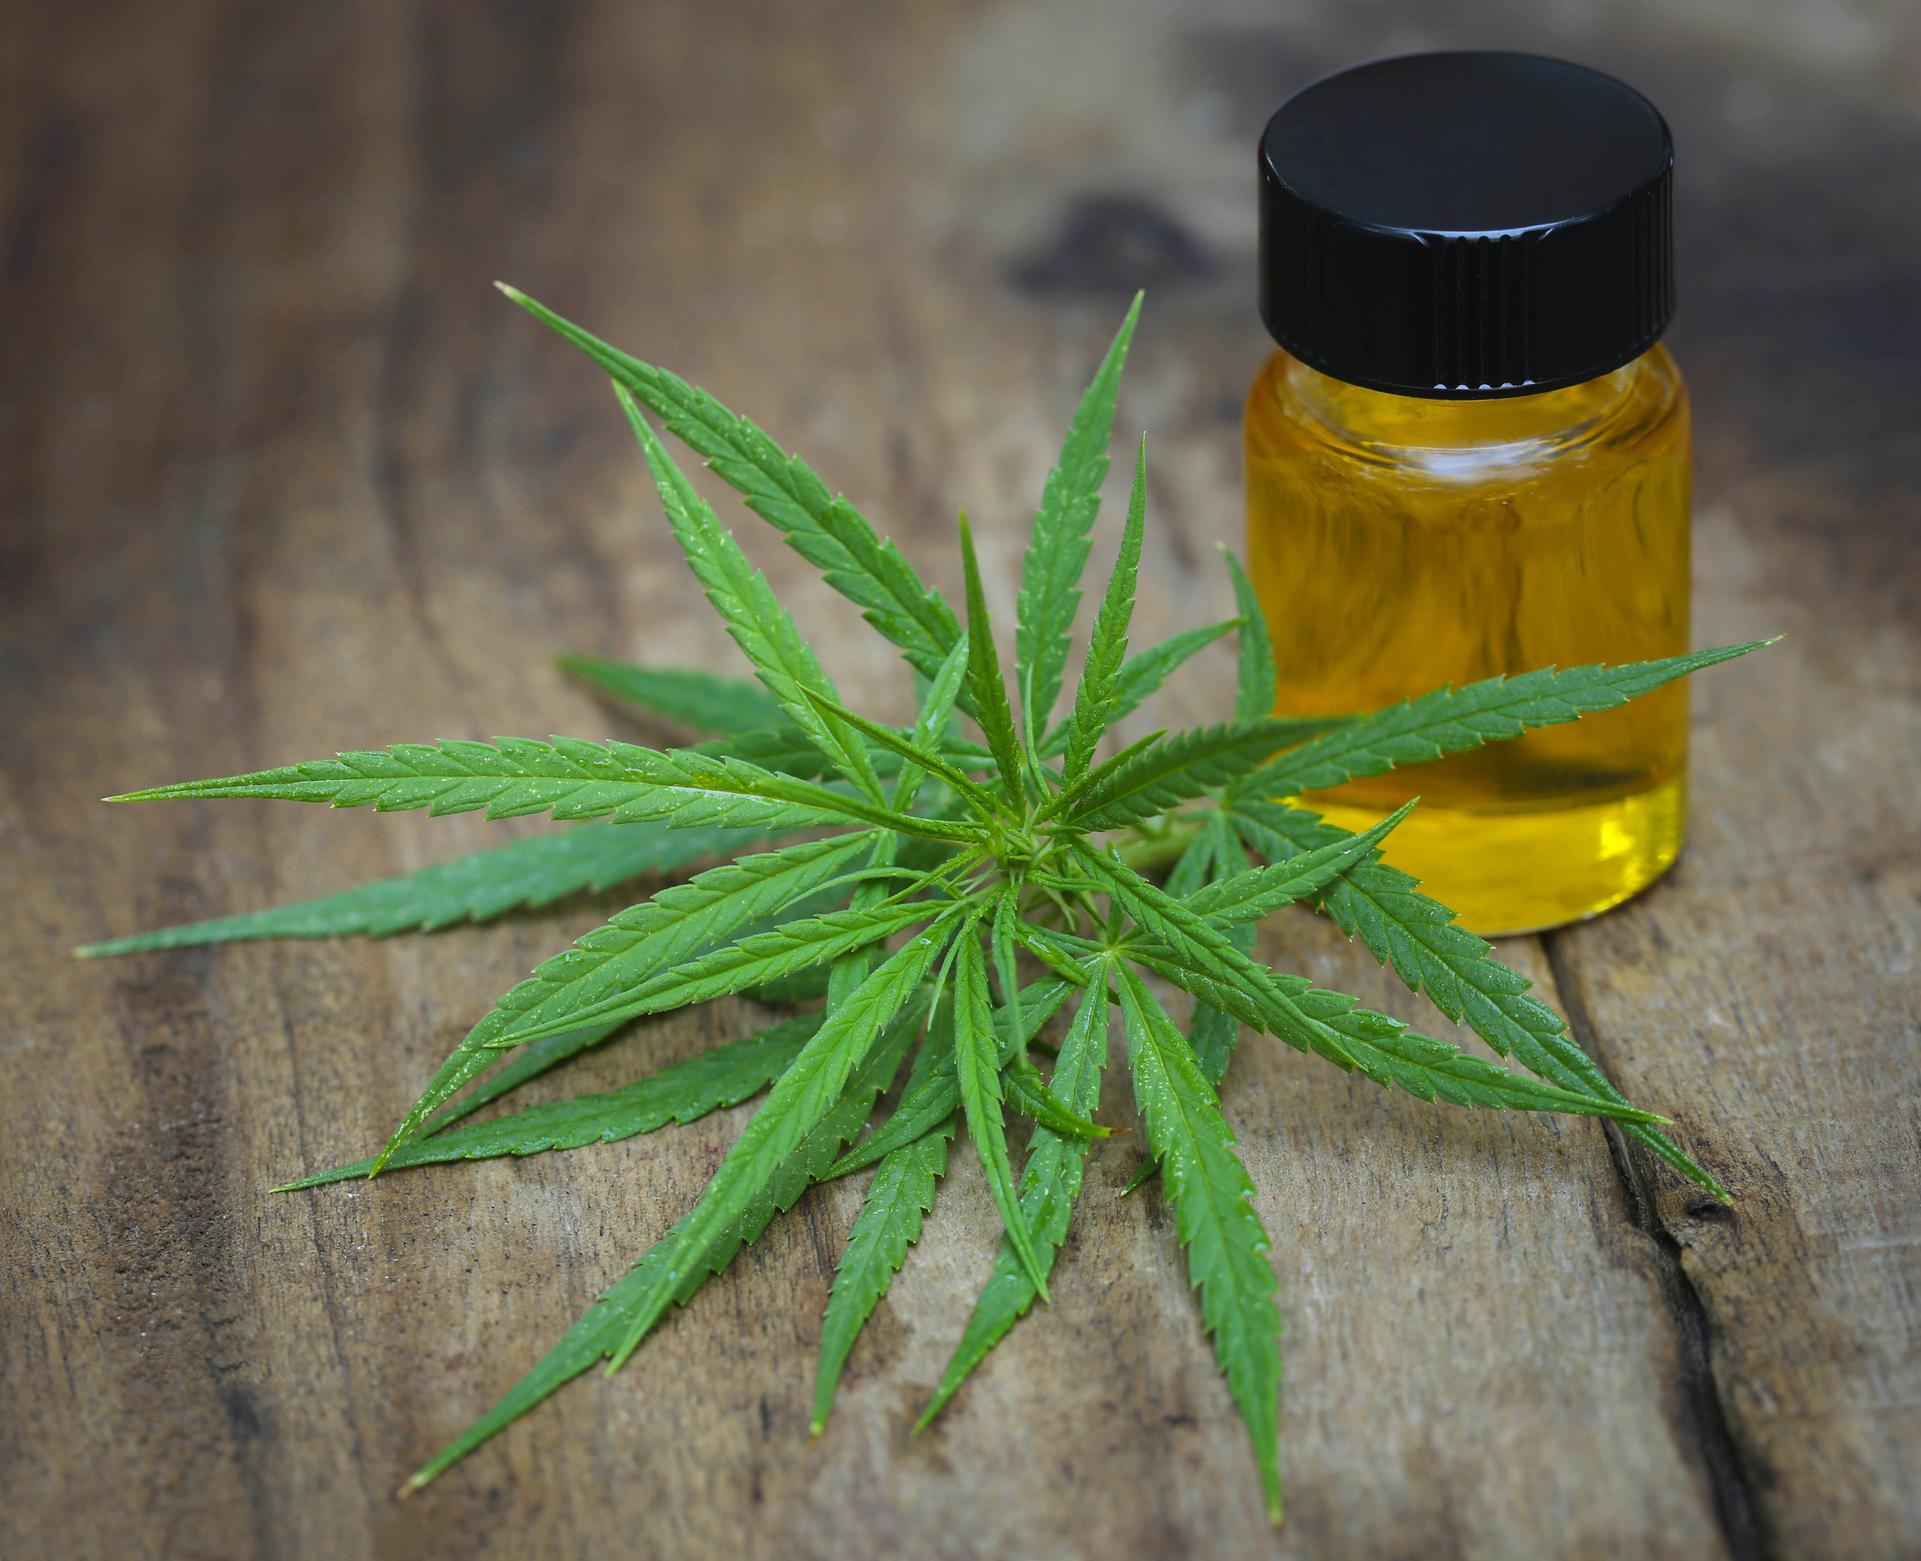 A vial of cannabidiol oil next to a cannabis leaf on a table.